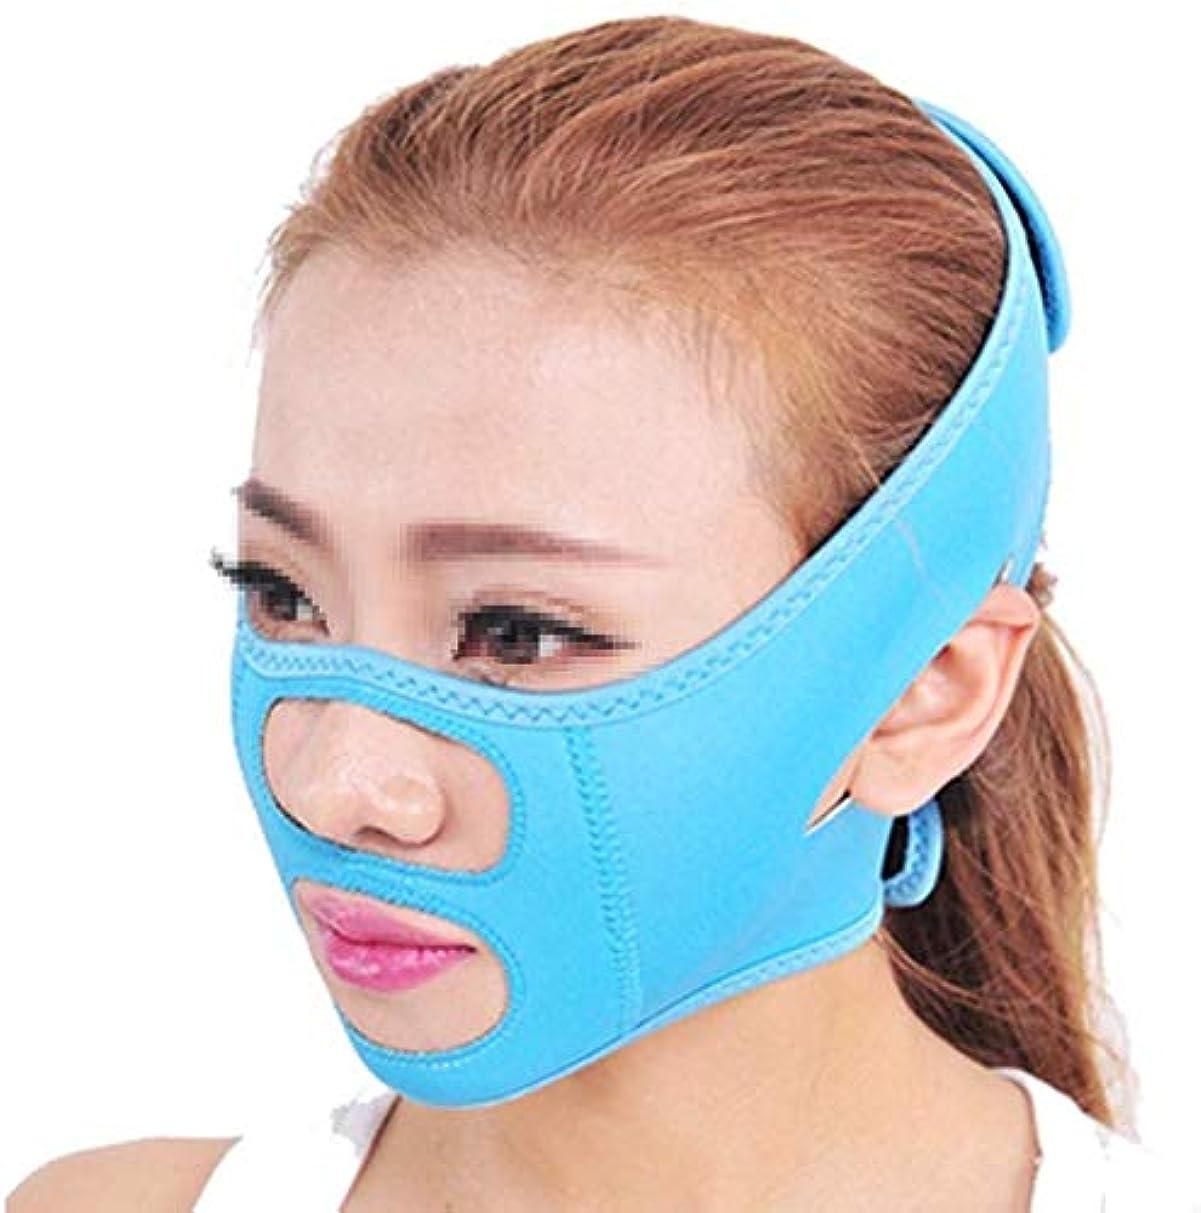 ヨーグルト適合するスラム街スリミングVフェイスマスク、シンフェイスベルト、リフティングフェイスを引き締めるスリープマスク包帯付きVフェイスダブルチンフェイスマスクマルチカラーオプション(色:青)